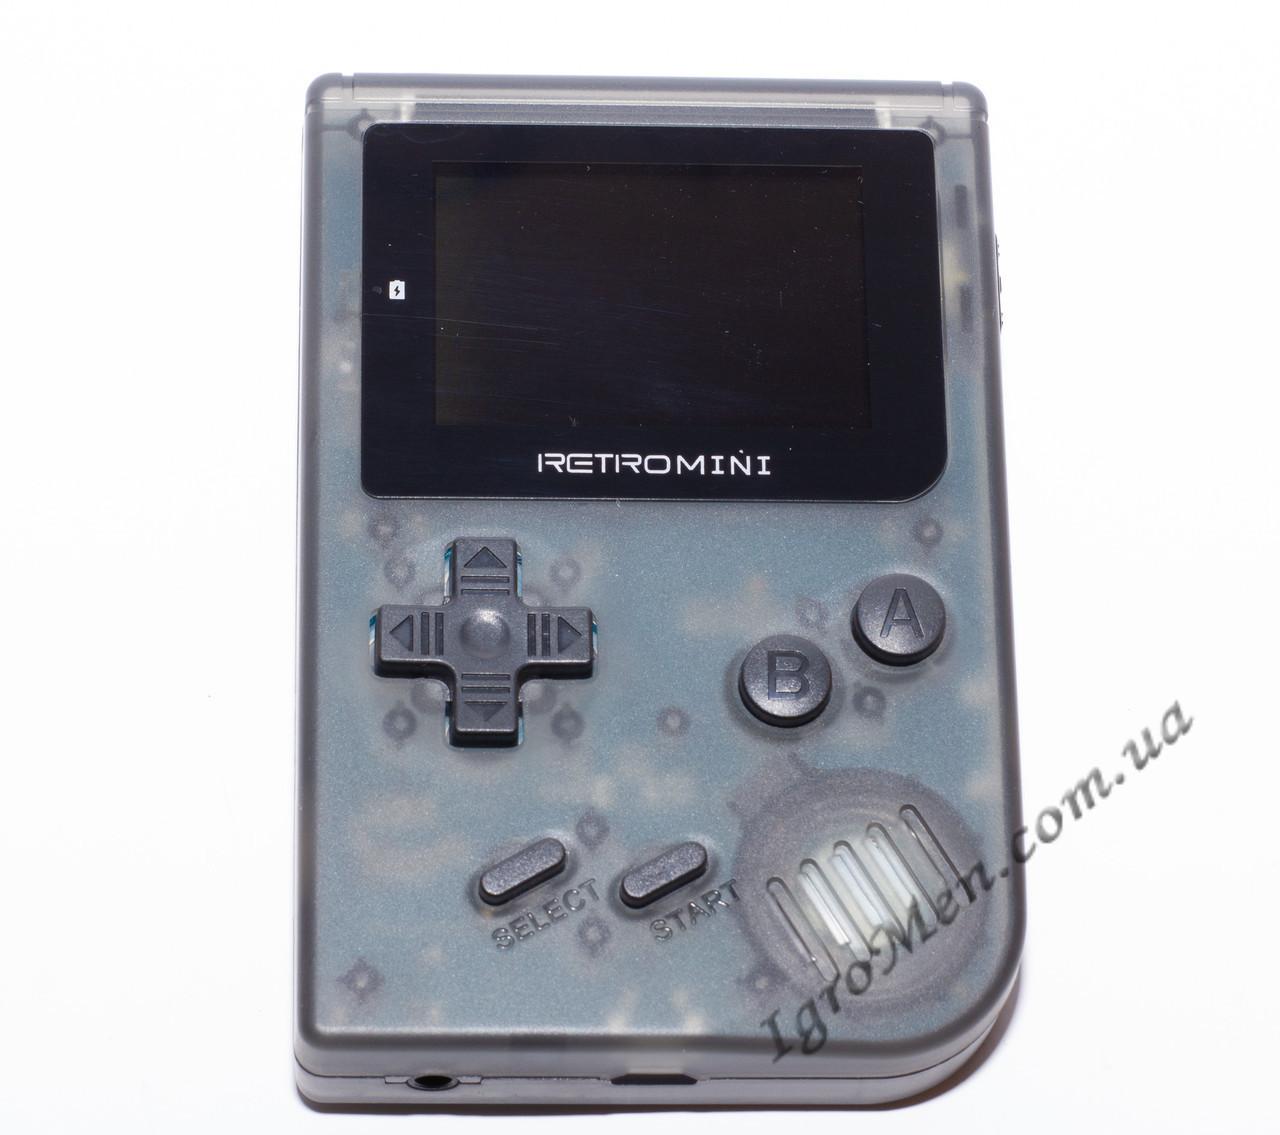 Портативная Nintendo Game Boy Color (Retro Mini, 169 игр, GBA, NES, SNES, +SD, save)